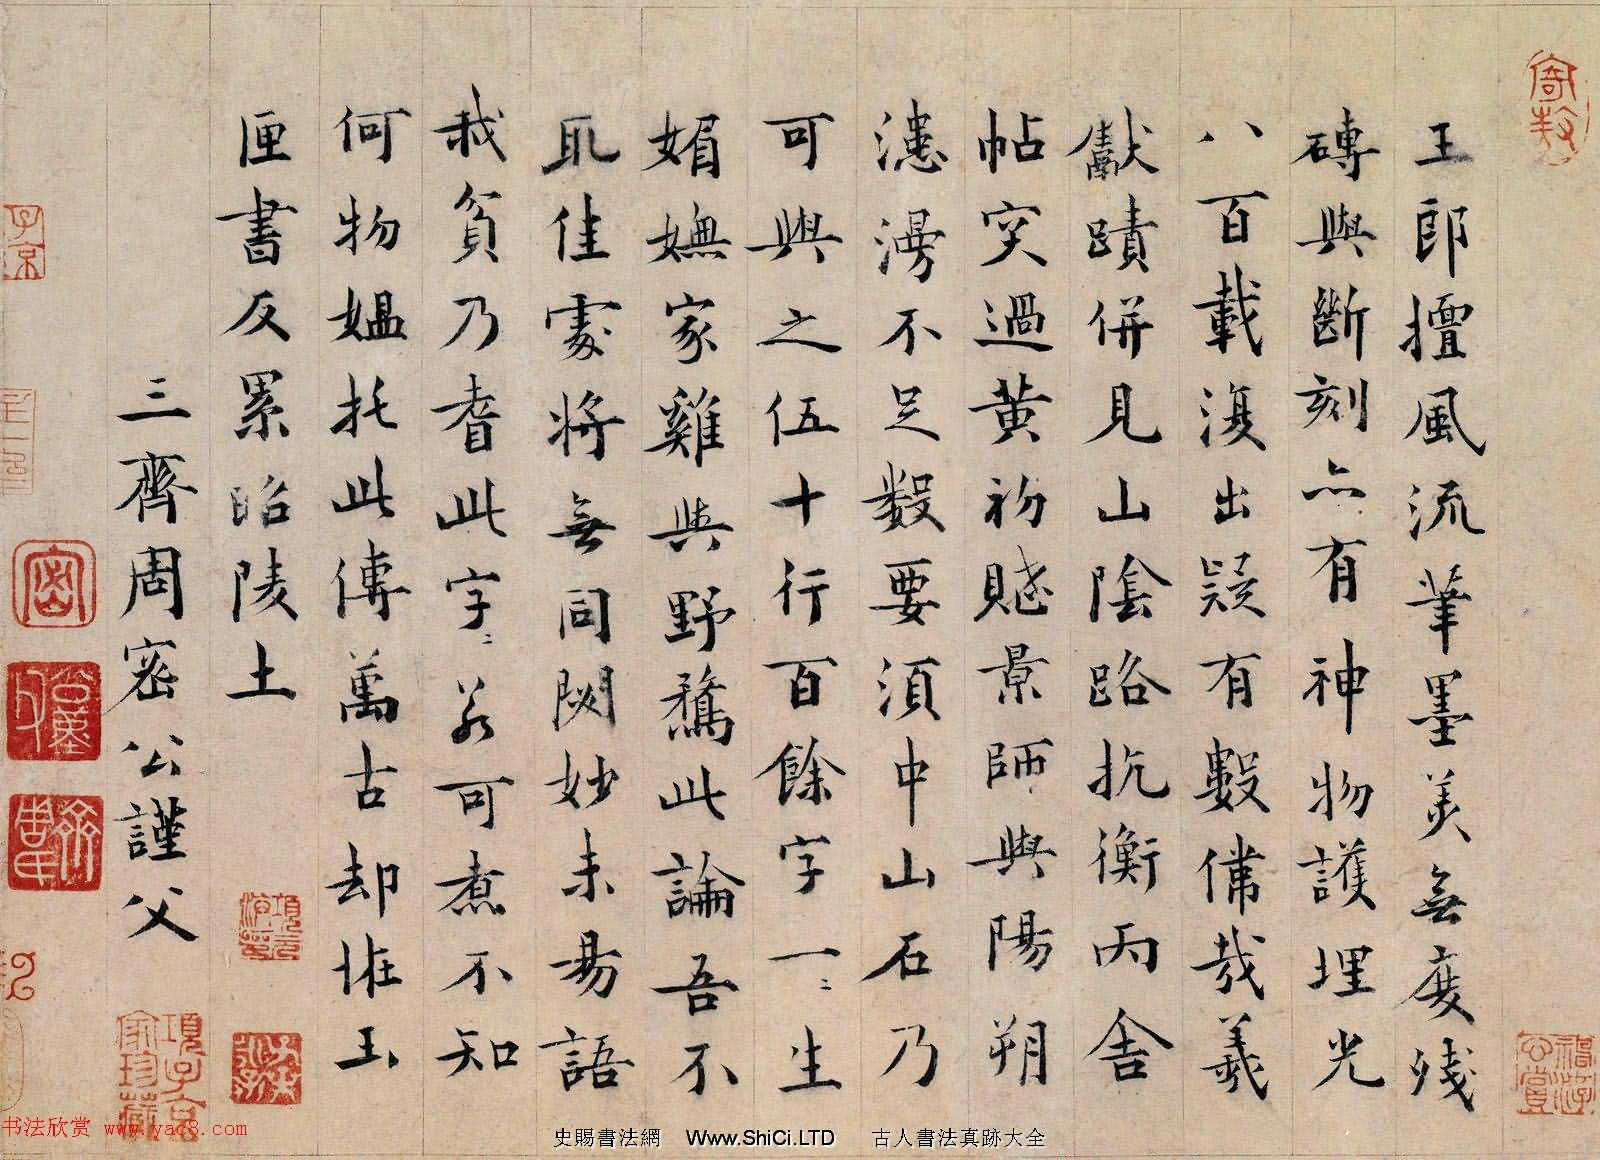 宋元間文學家周密書法墨跡真跡欣賞(共6張圖片)